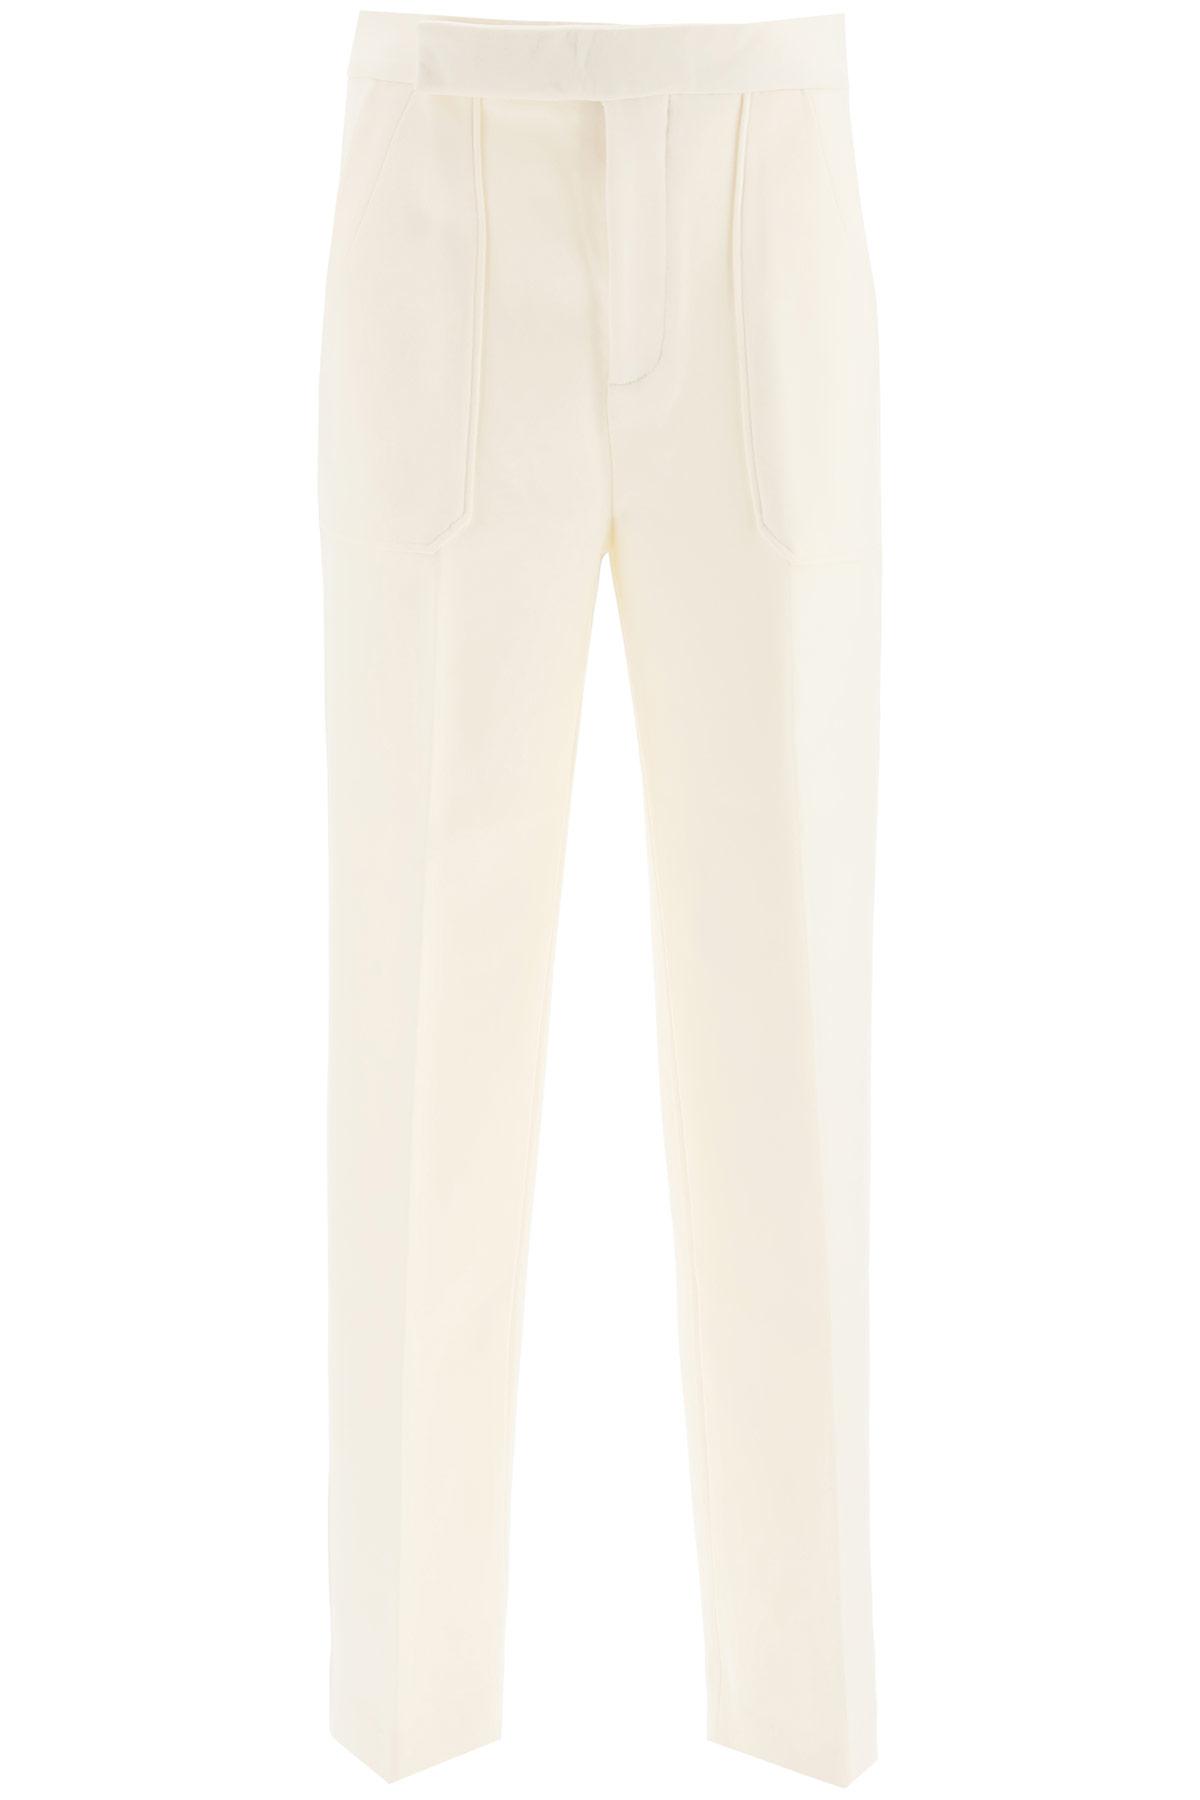 Khaite pantalone theresa in lana